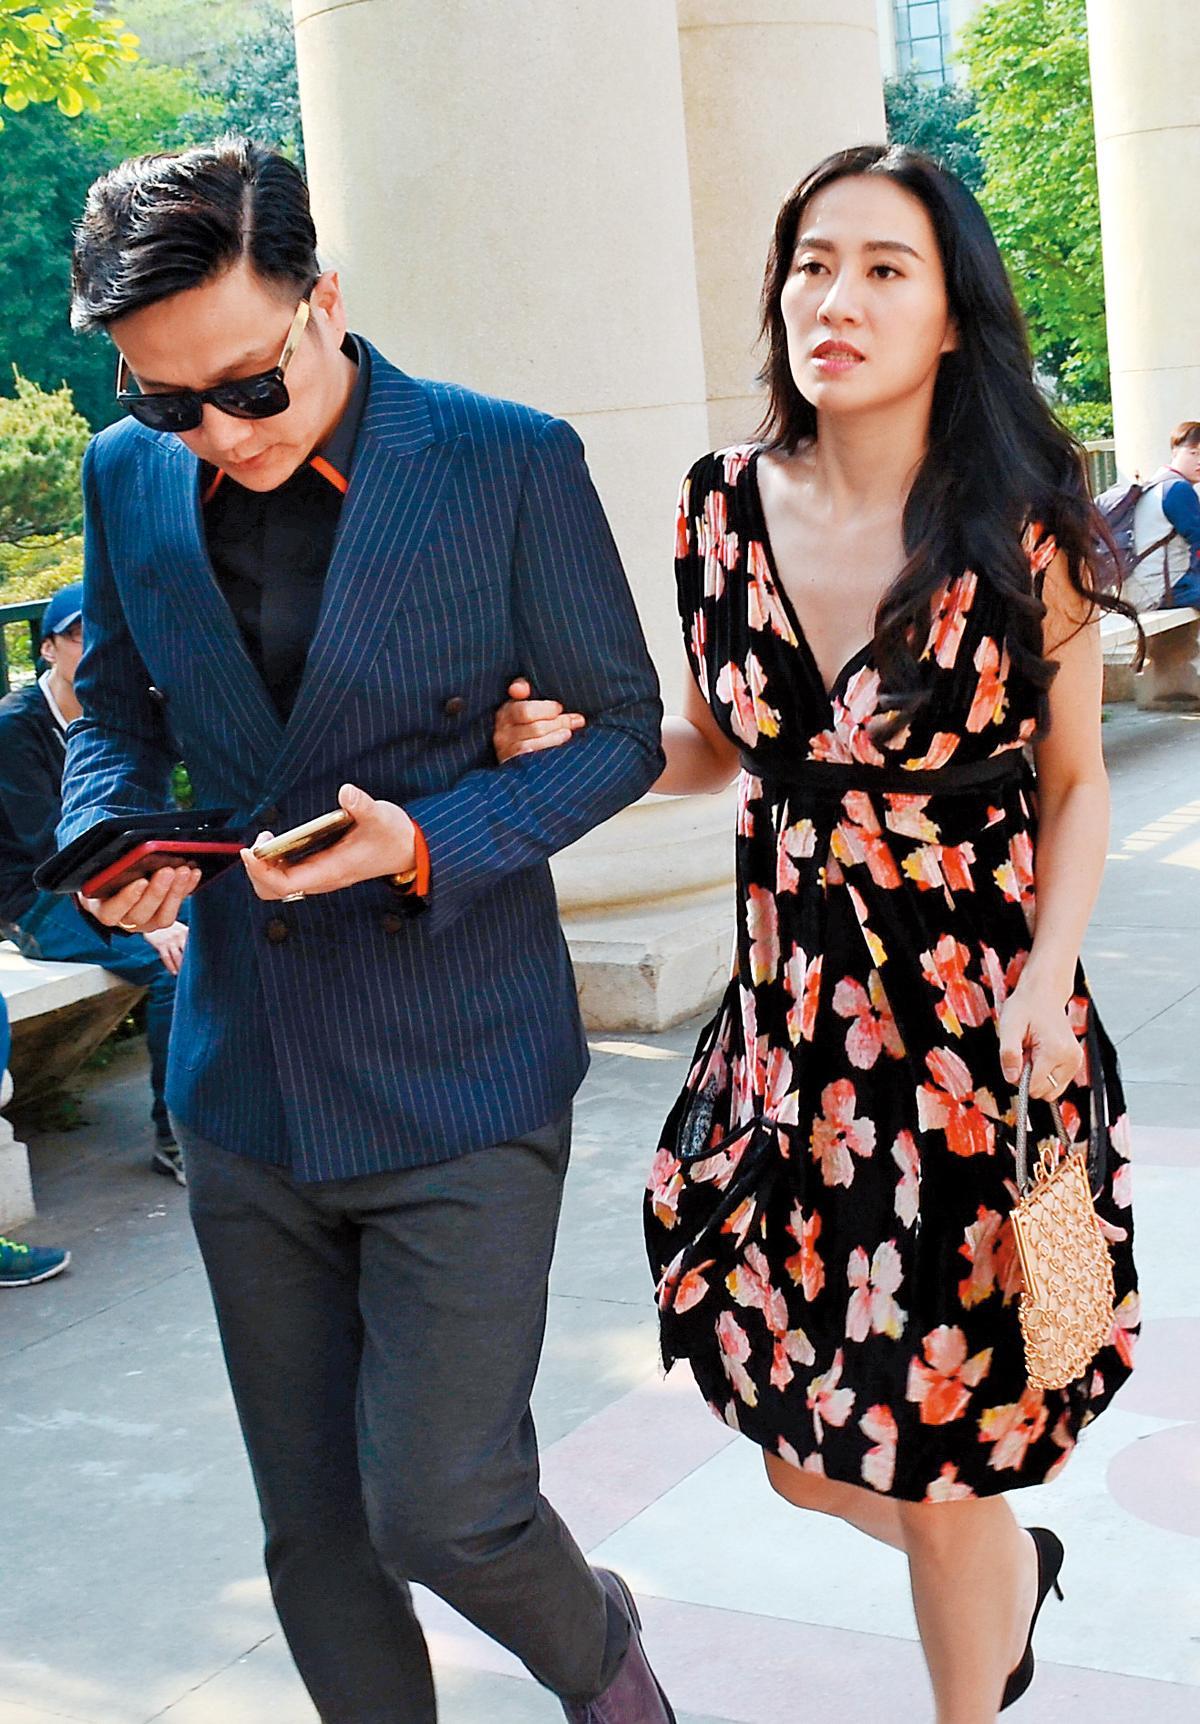 吳京曾跟香港女星葉璇有過一段情,當時女方不認戀情,似乎也嫌棄吳京不紅,而葉璇日前出現在上海,看起來有些憔悴。(東方IC)